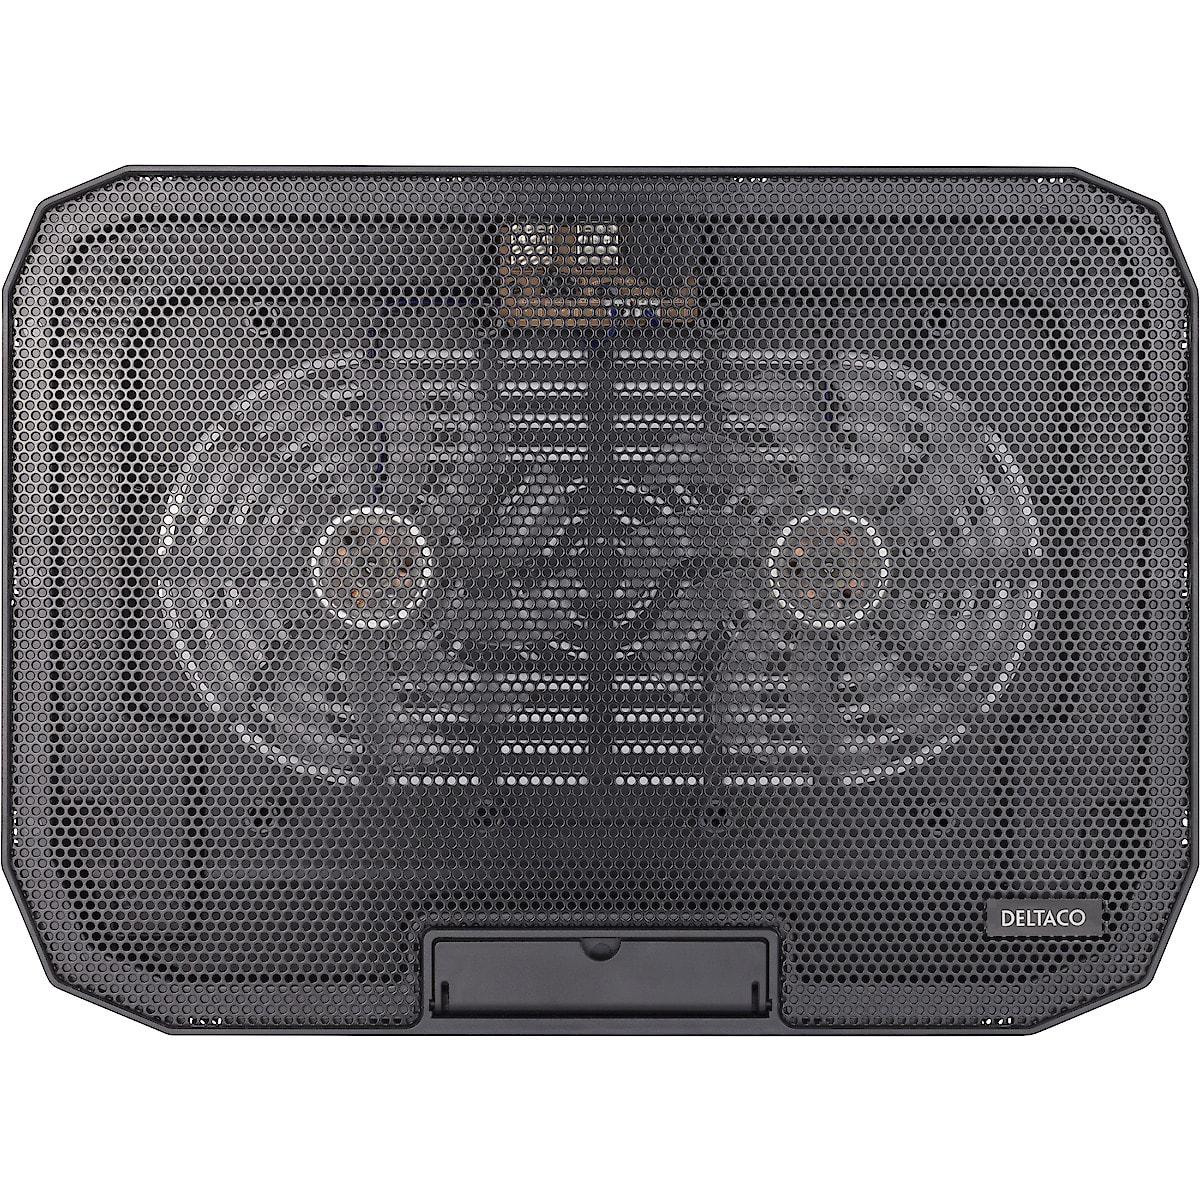 Jäähdytysalusta kannettavalle tietokoneelle Deltaco LTC-100